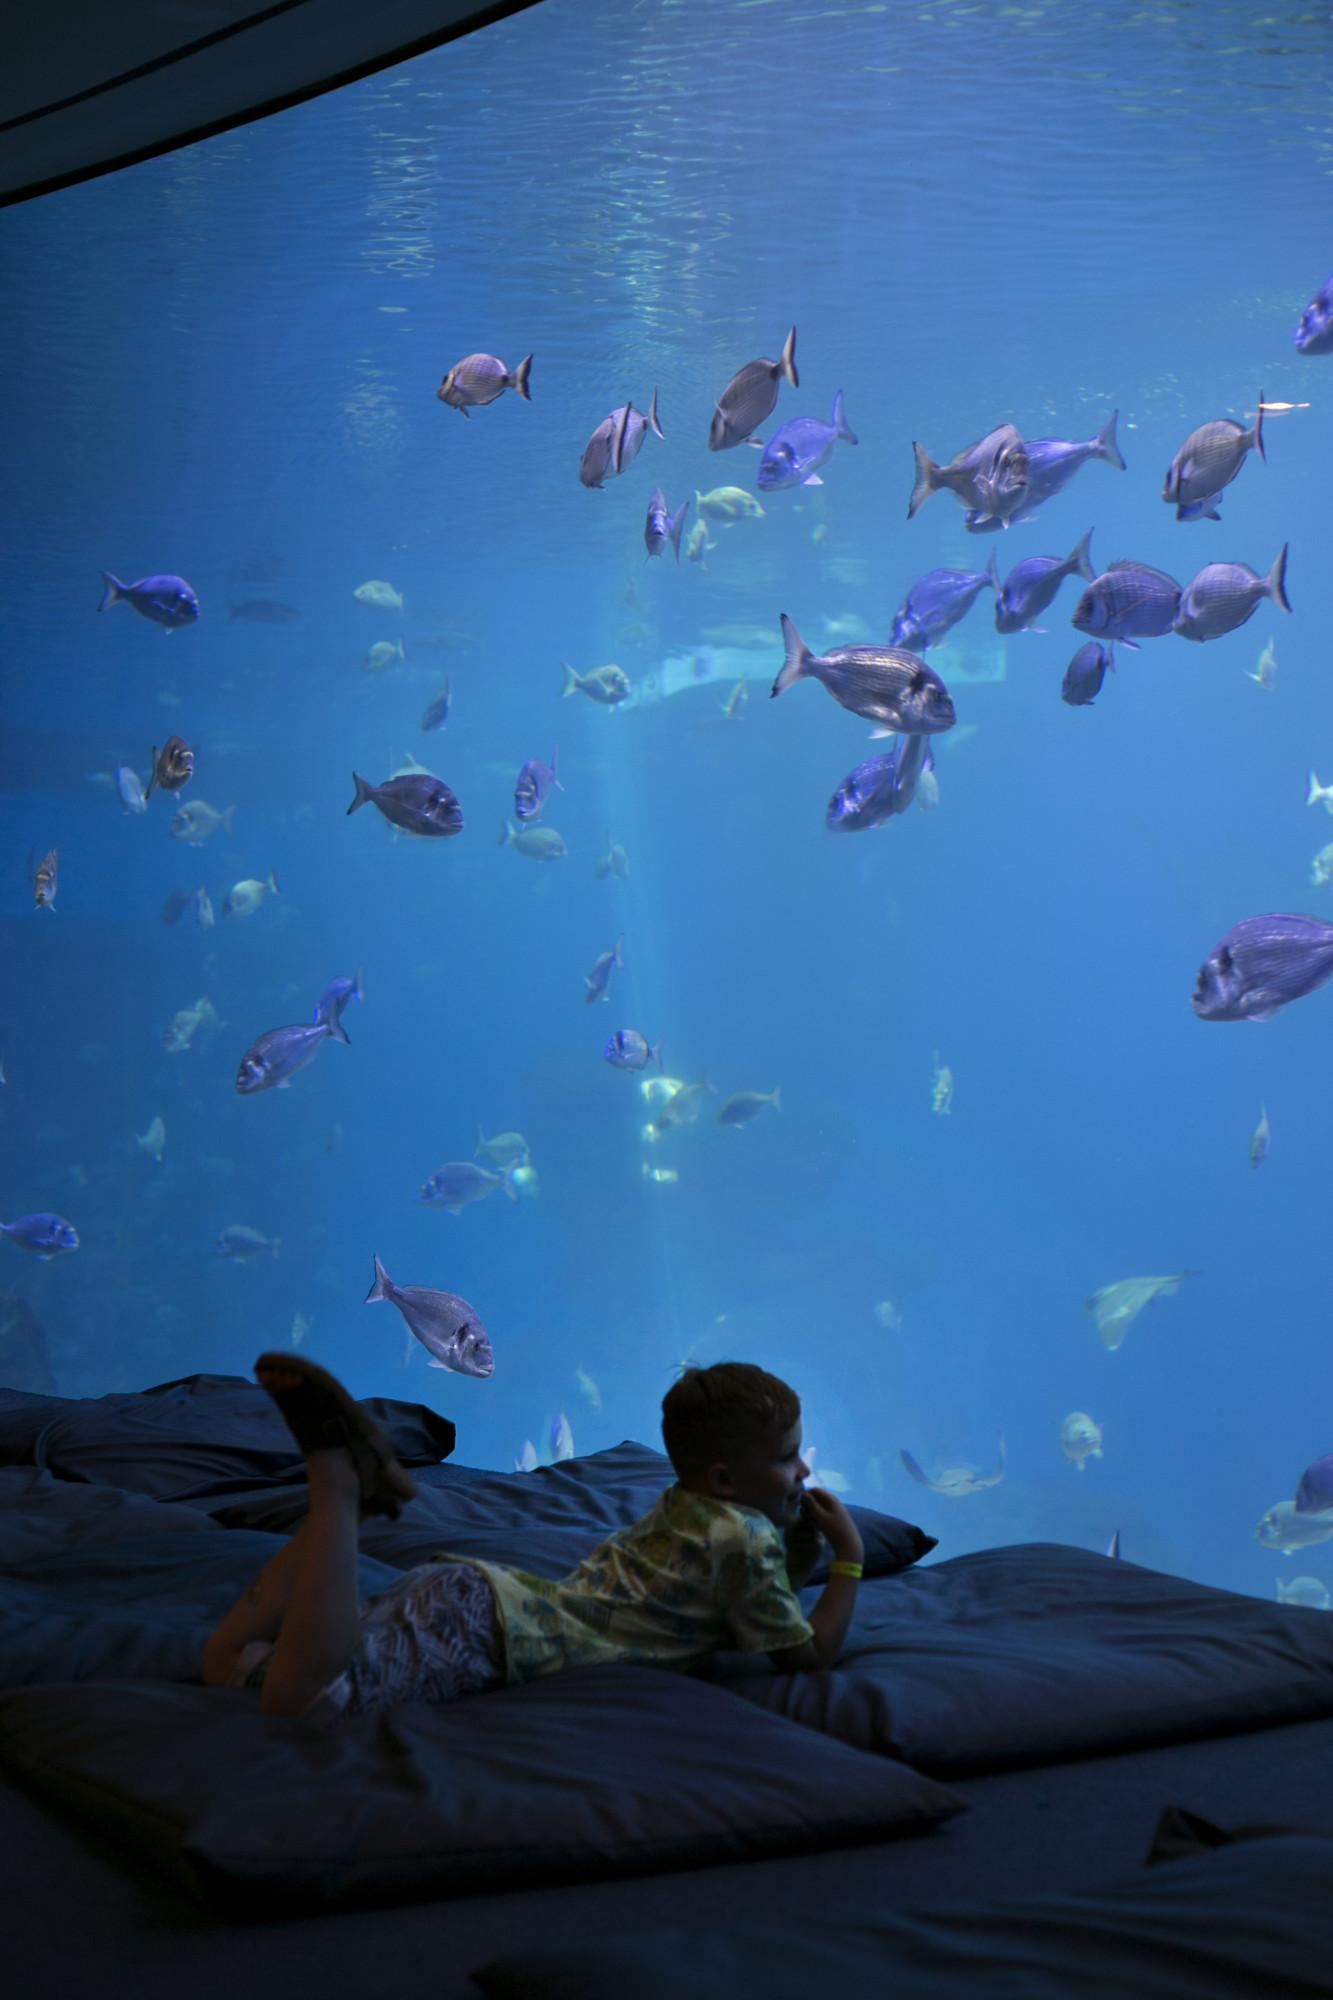 palma aquarium, mallorca akwarium, majorka akwarium